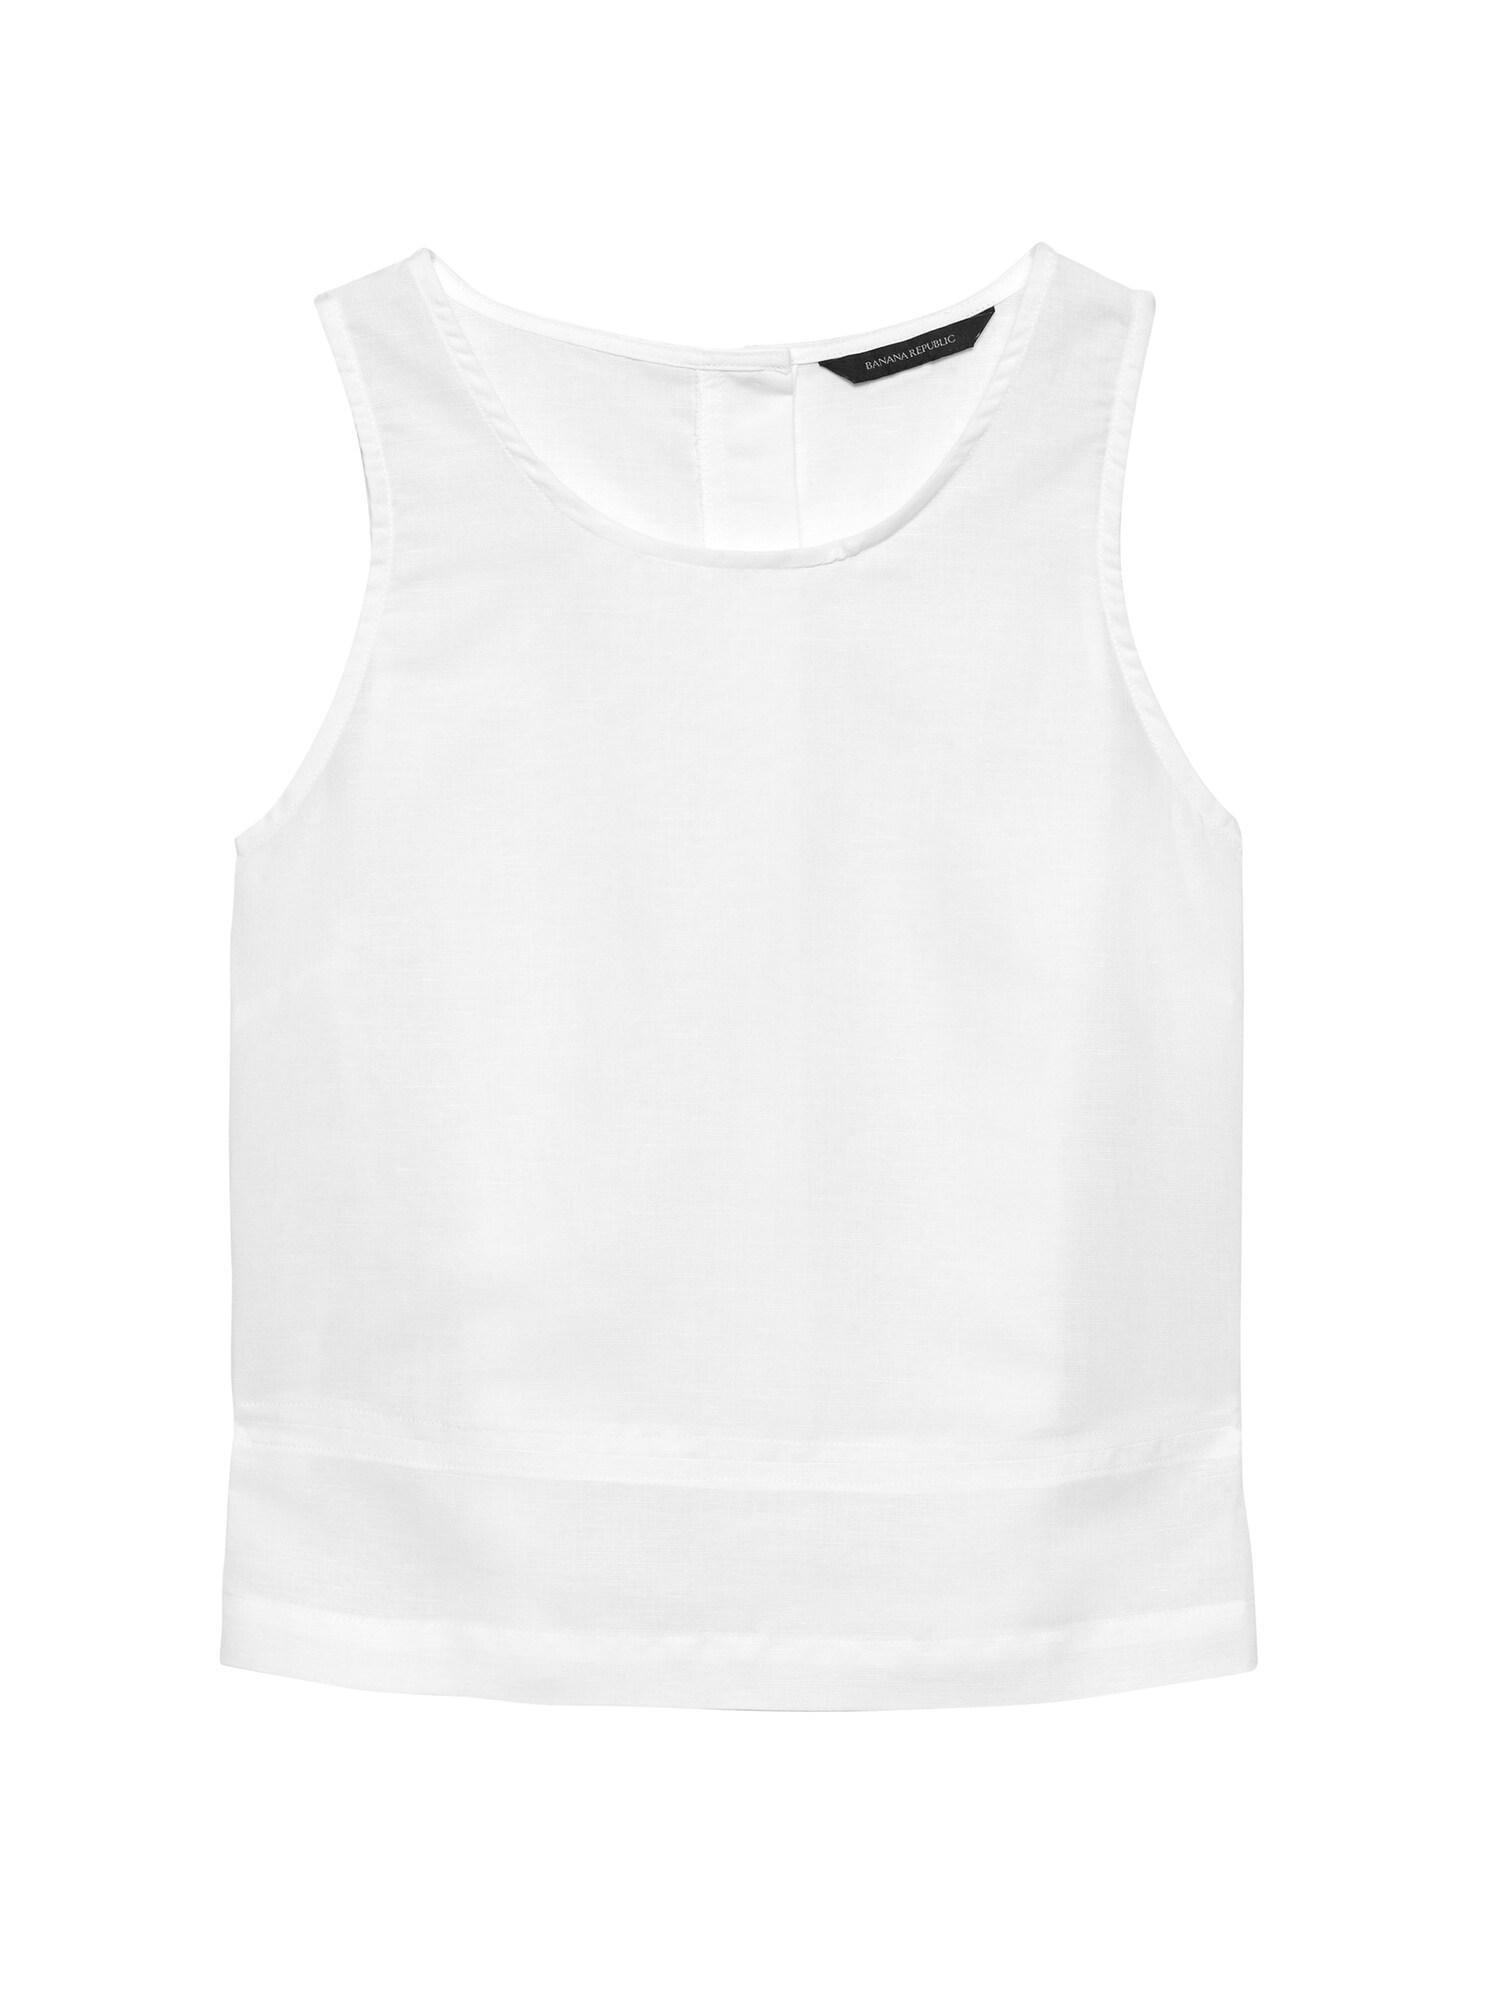 71d0c3e334f272 Linen-Cotton Button-Back Tank